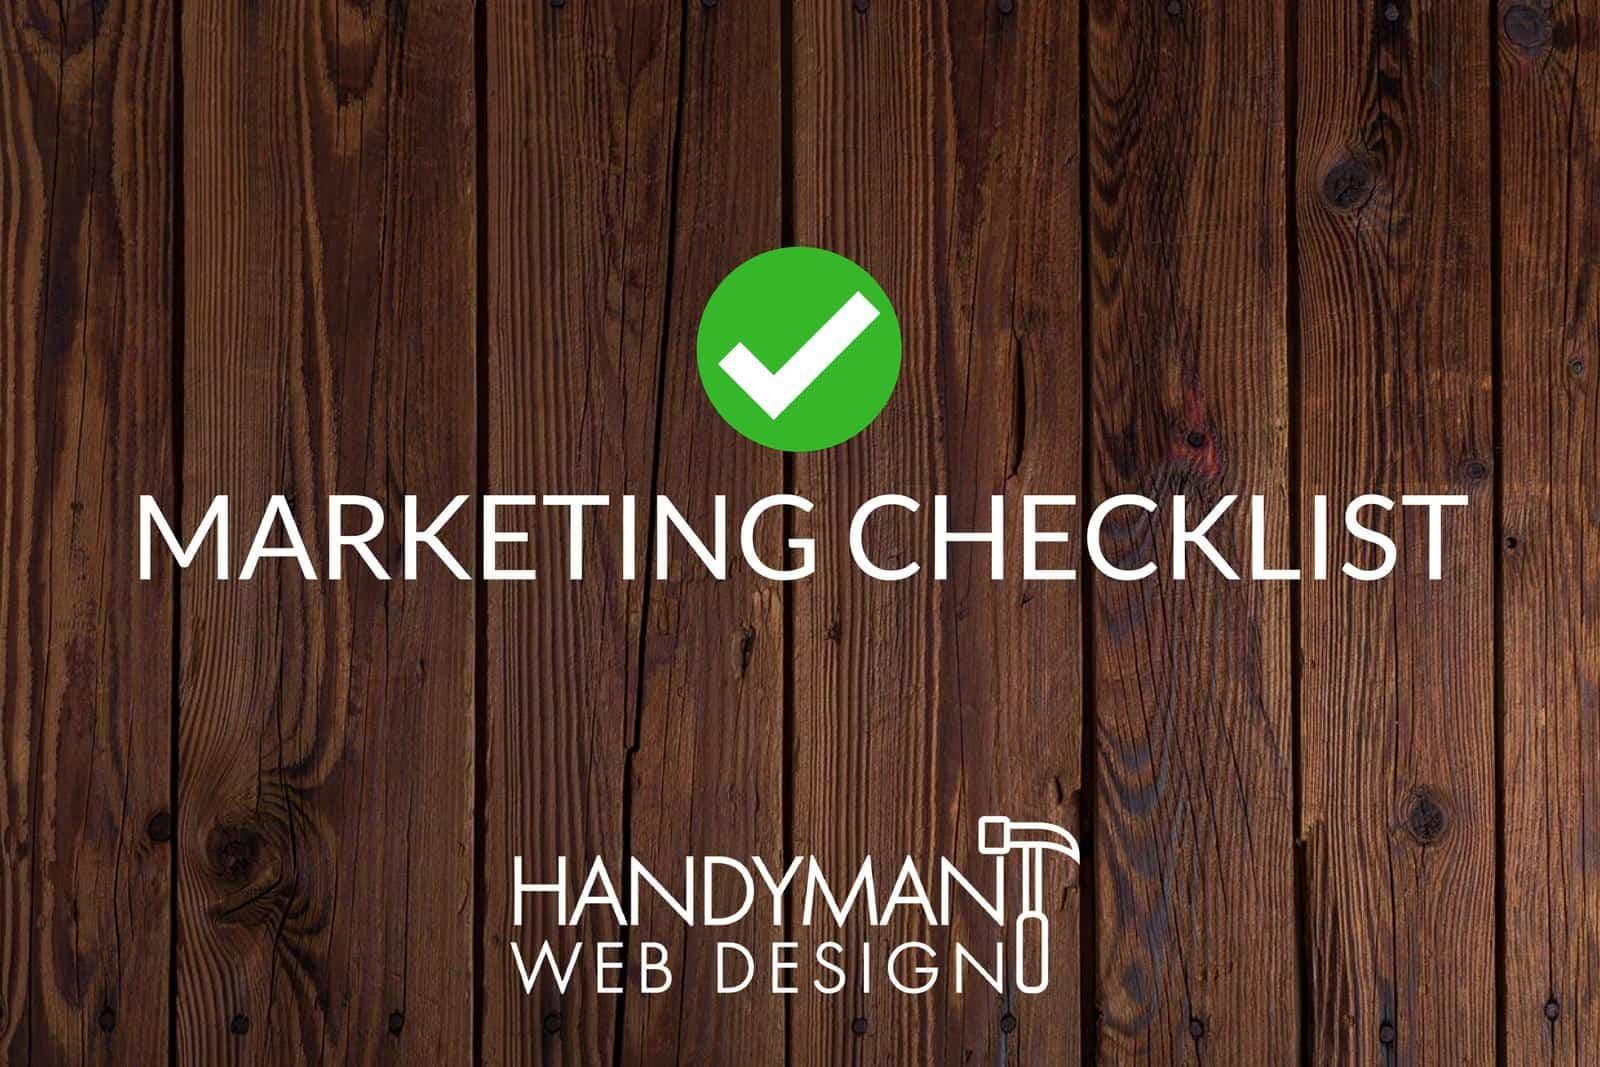 handyman marketing checklist